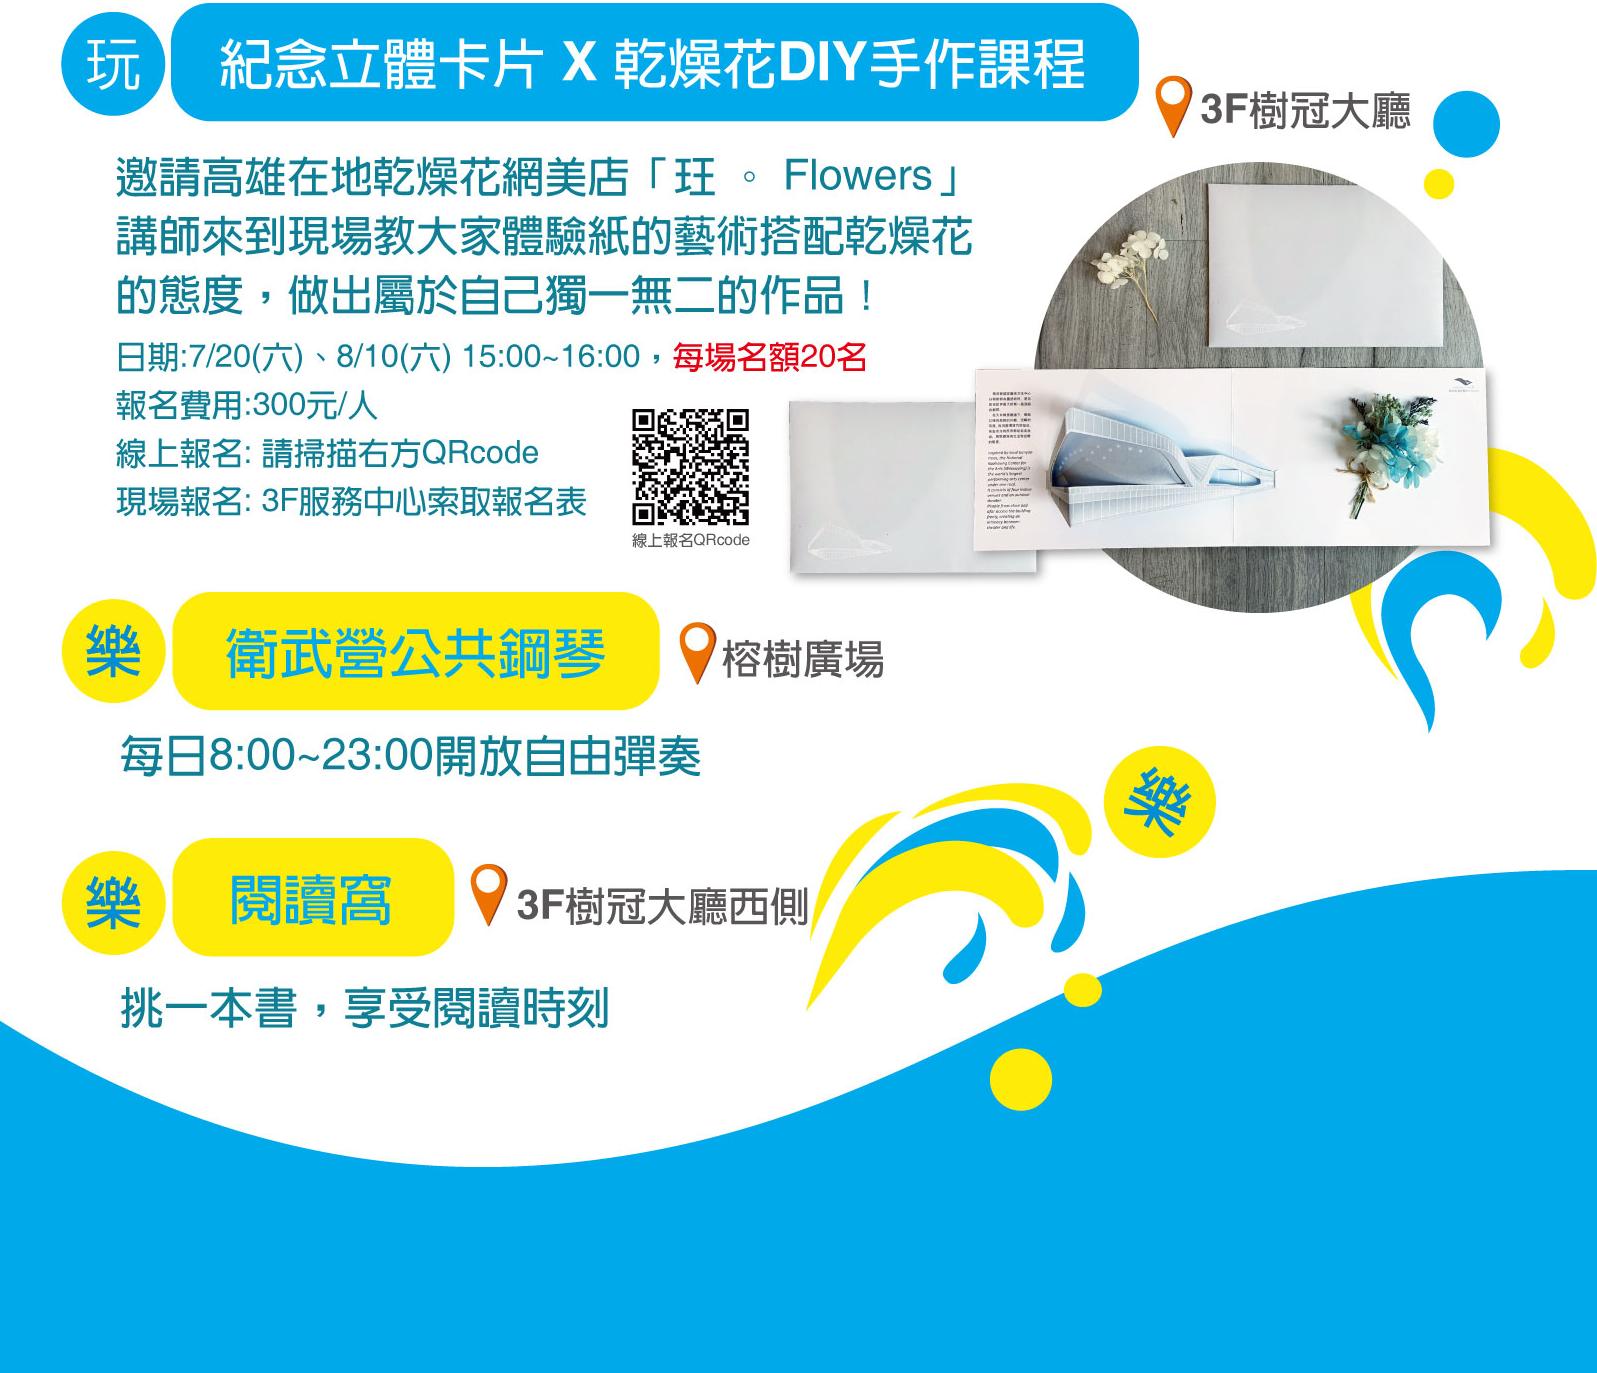 圖:夏日樂活攻略「玩 · 樂衛武營」電子傳單